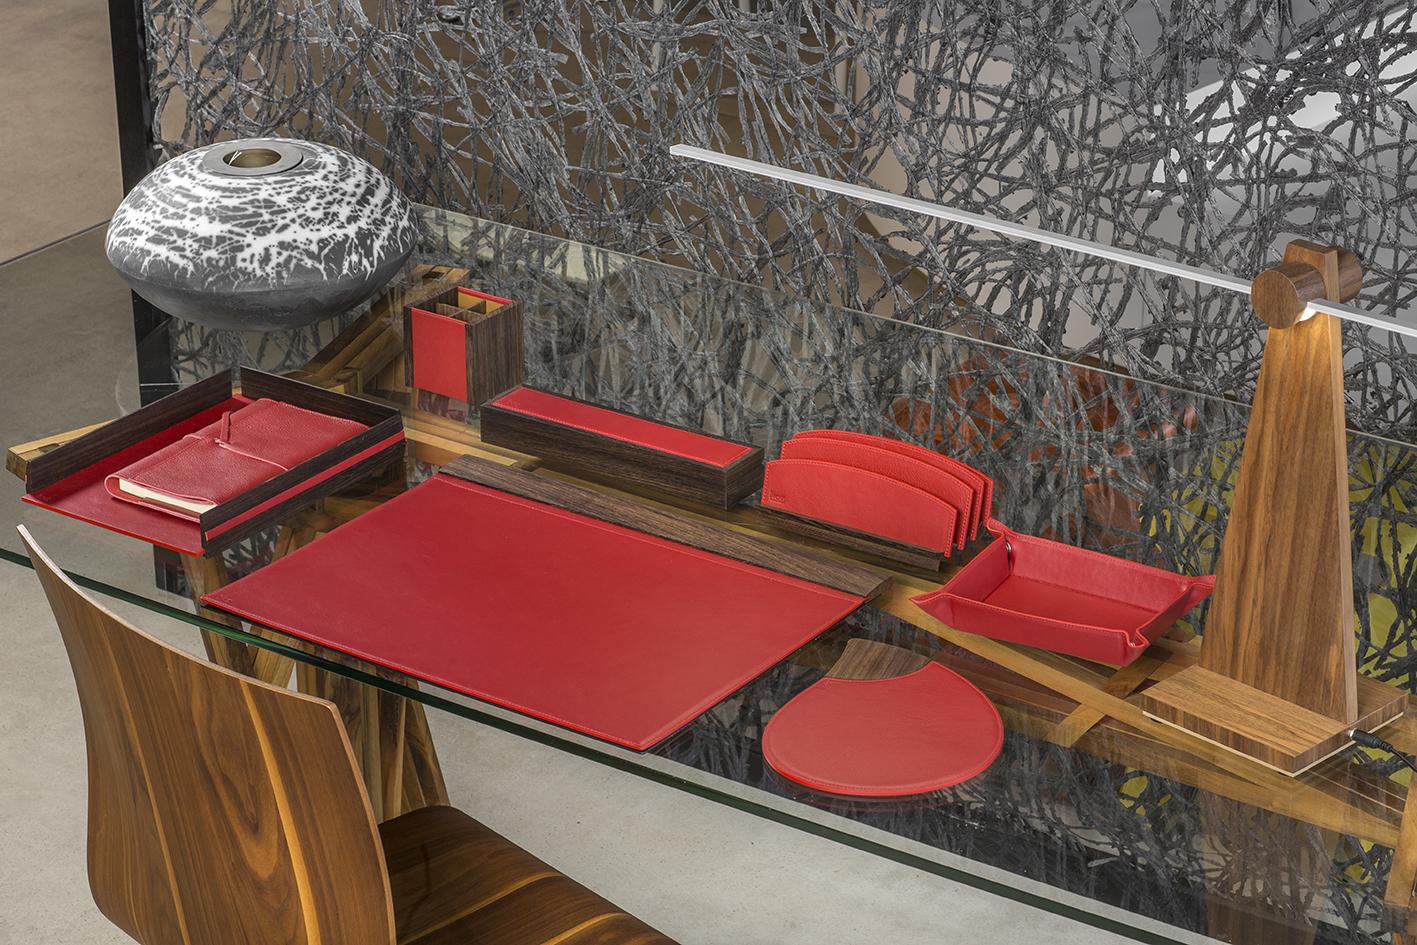 ambiance wenge vachette foulonnée rosso ATELIER DE LAFORET